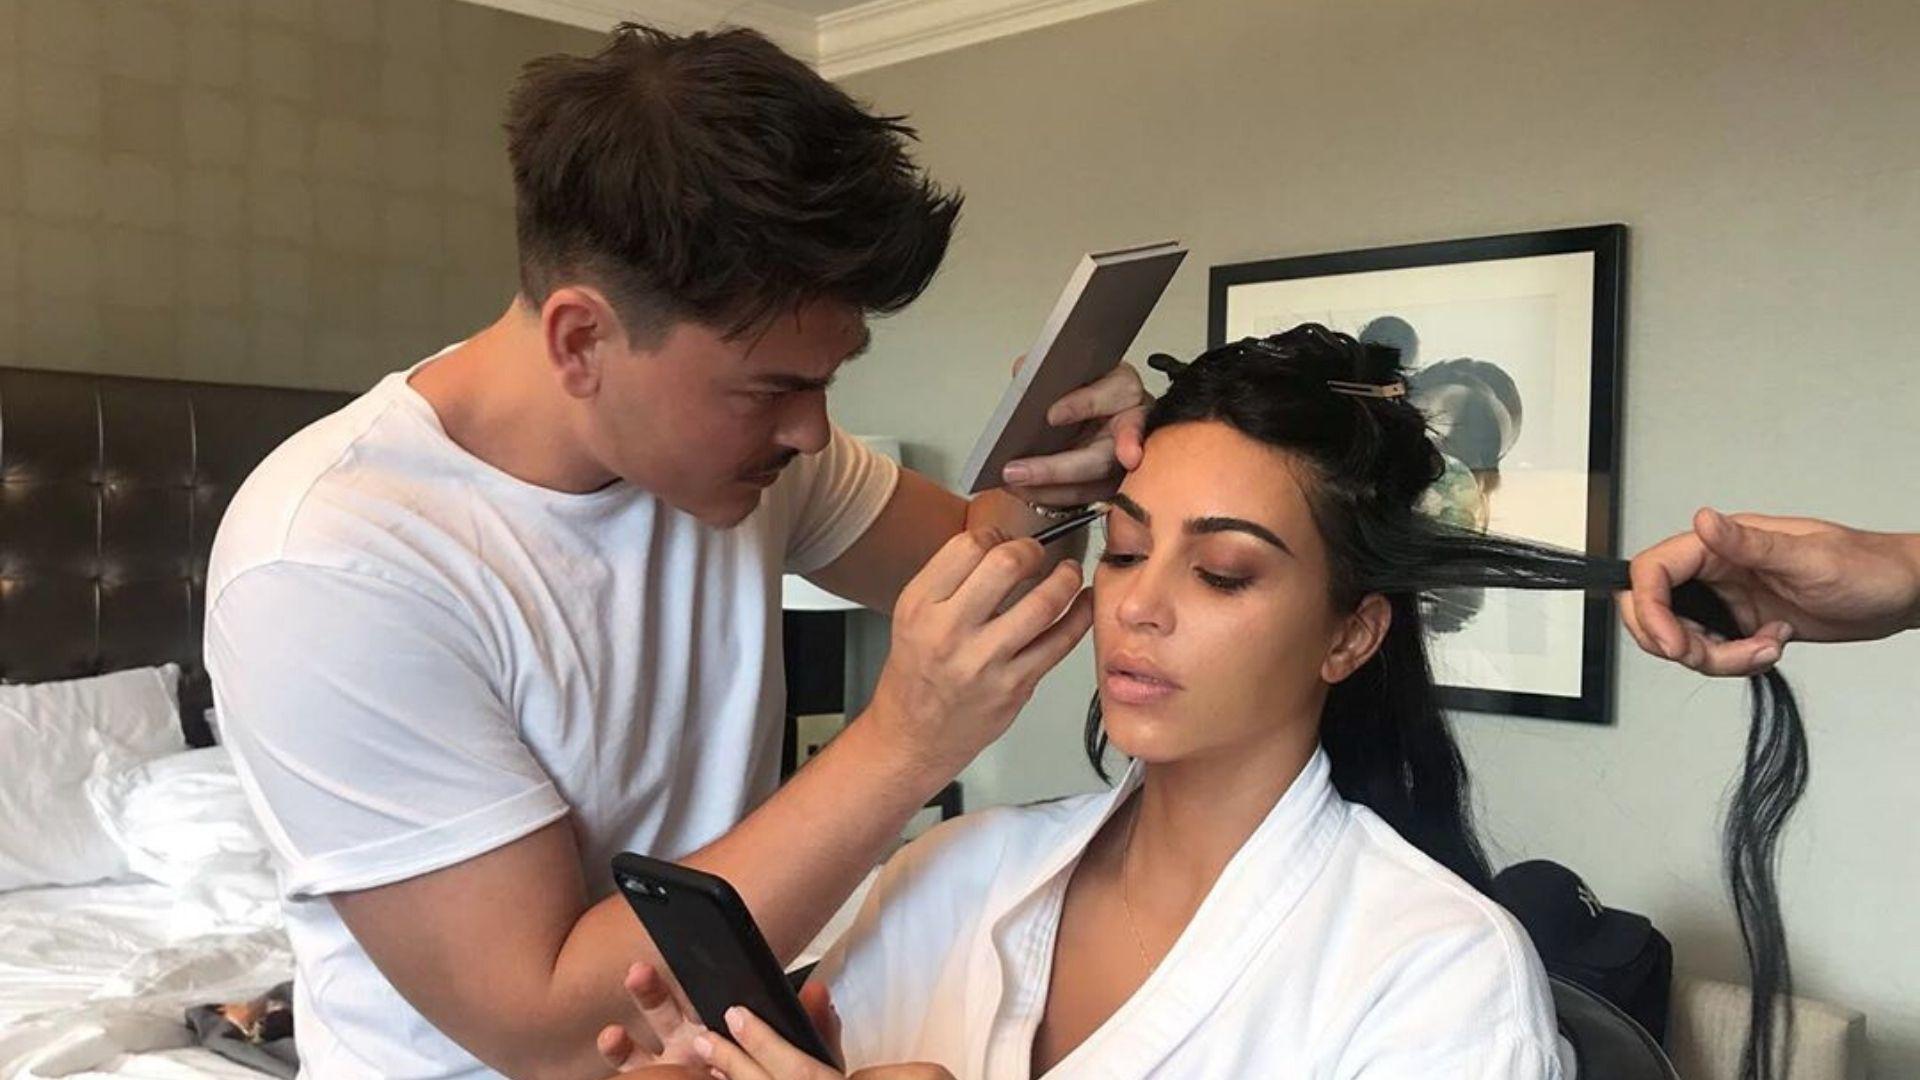 Kim Kardashian And Mario Dedivanovic Team Up For A New Makeup Collab